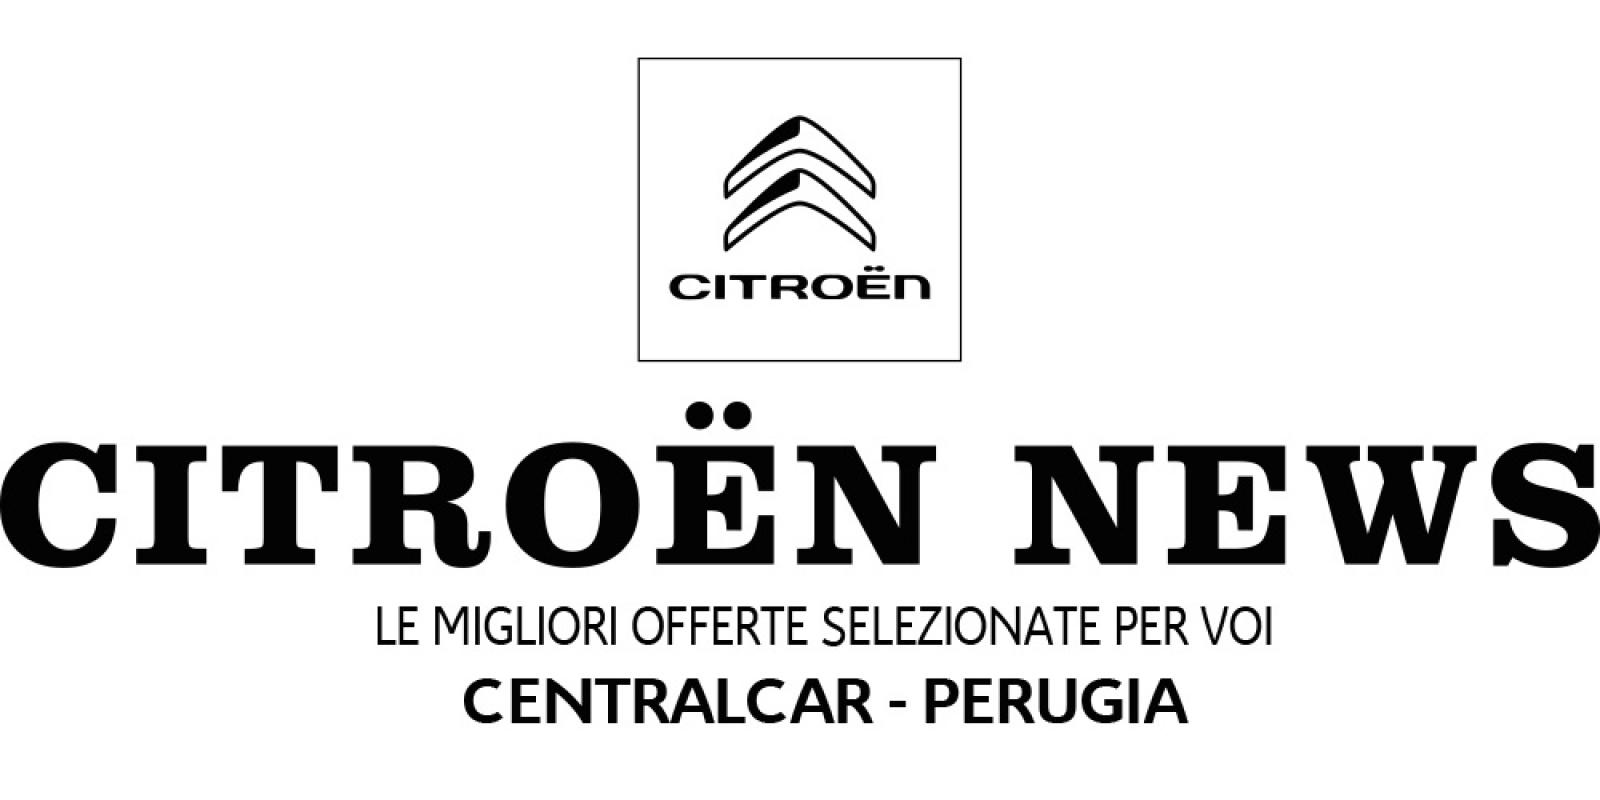 Citroen News